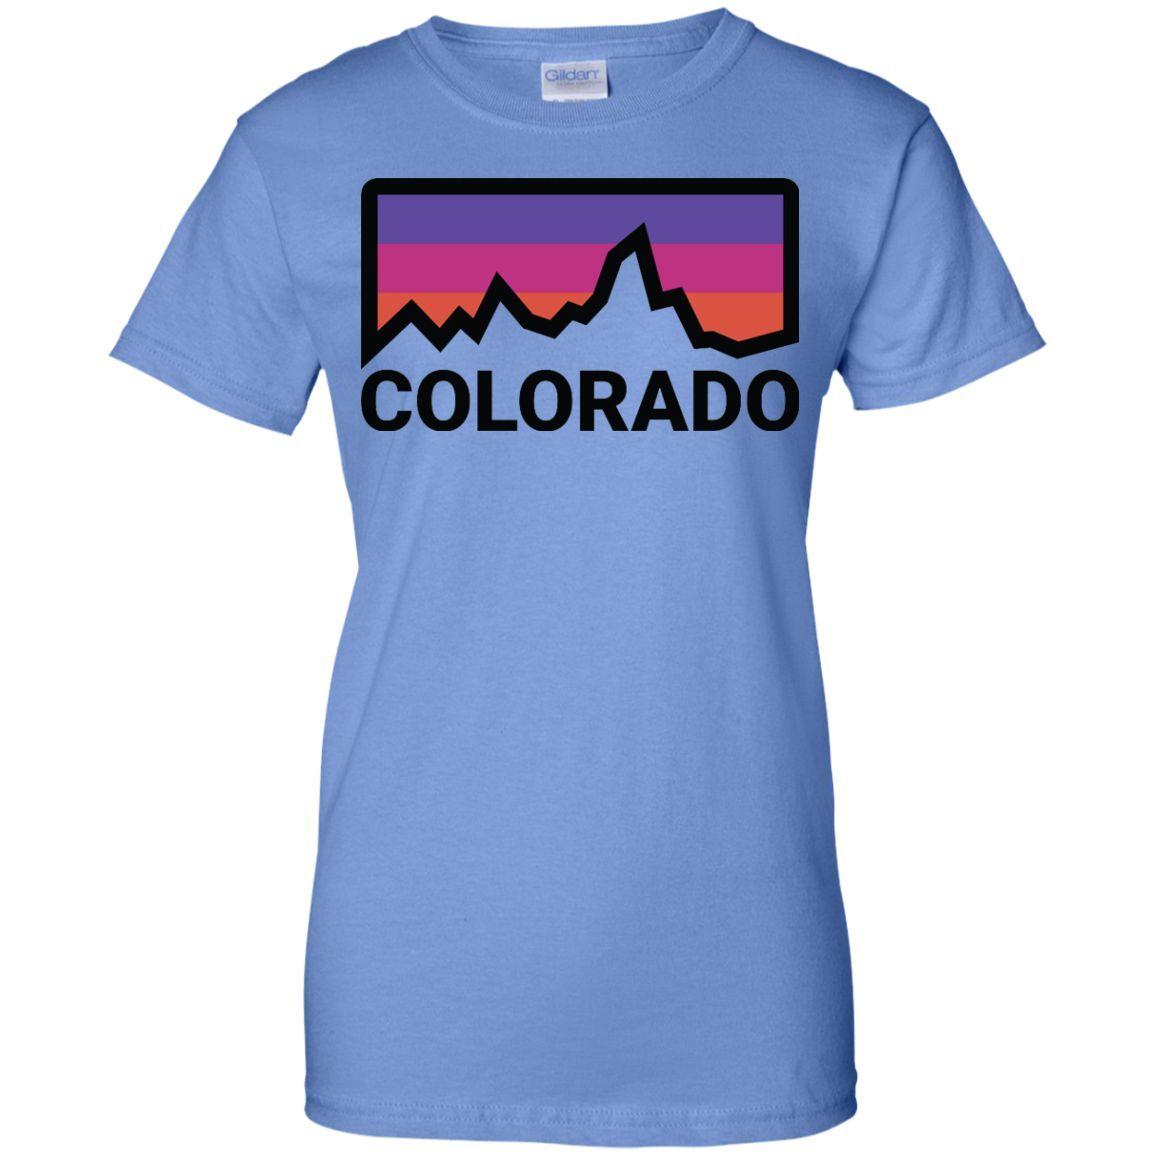 HIKING COLORADO Ladies Custom 100% Cotton T-Shirt